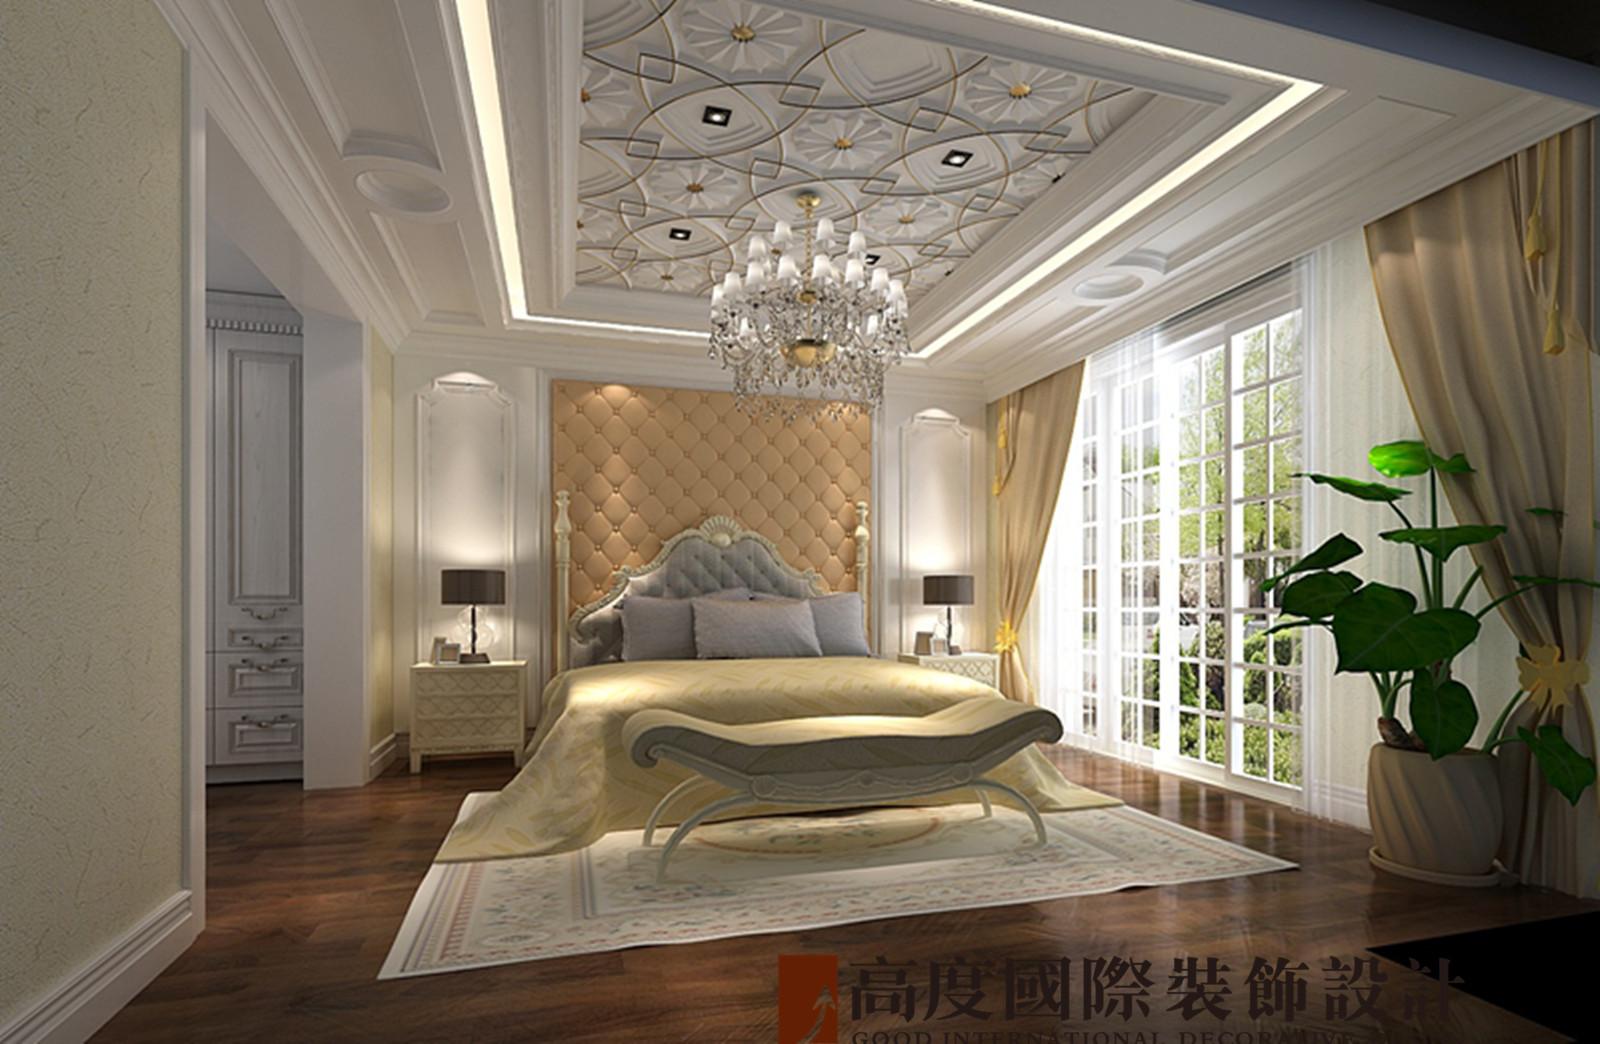 别墅 法式 联排 卧室图片来自高度国际装饰宋增会在龙湖长桥墅300平米法式的分享